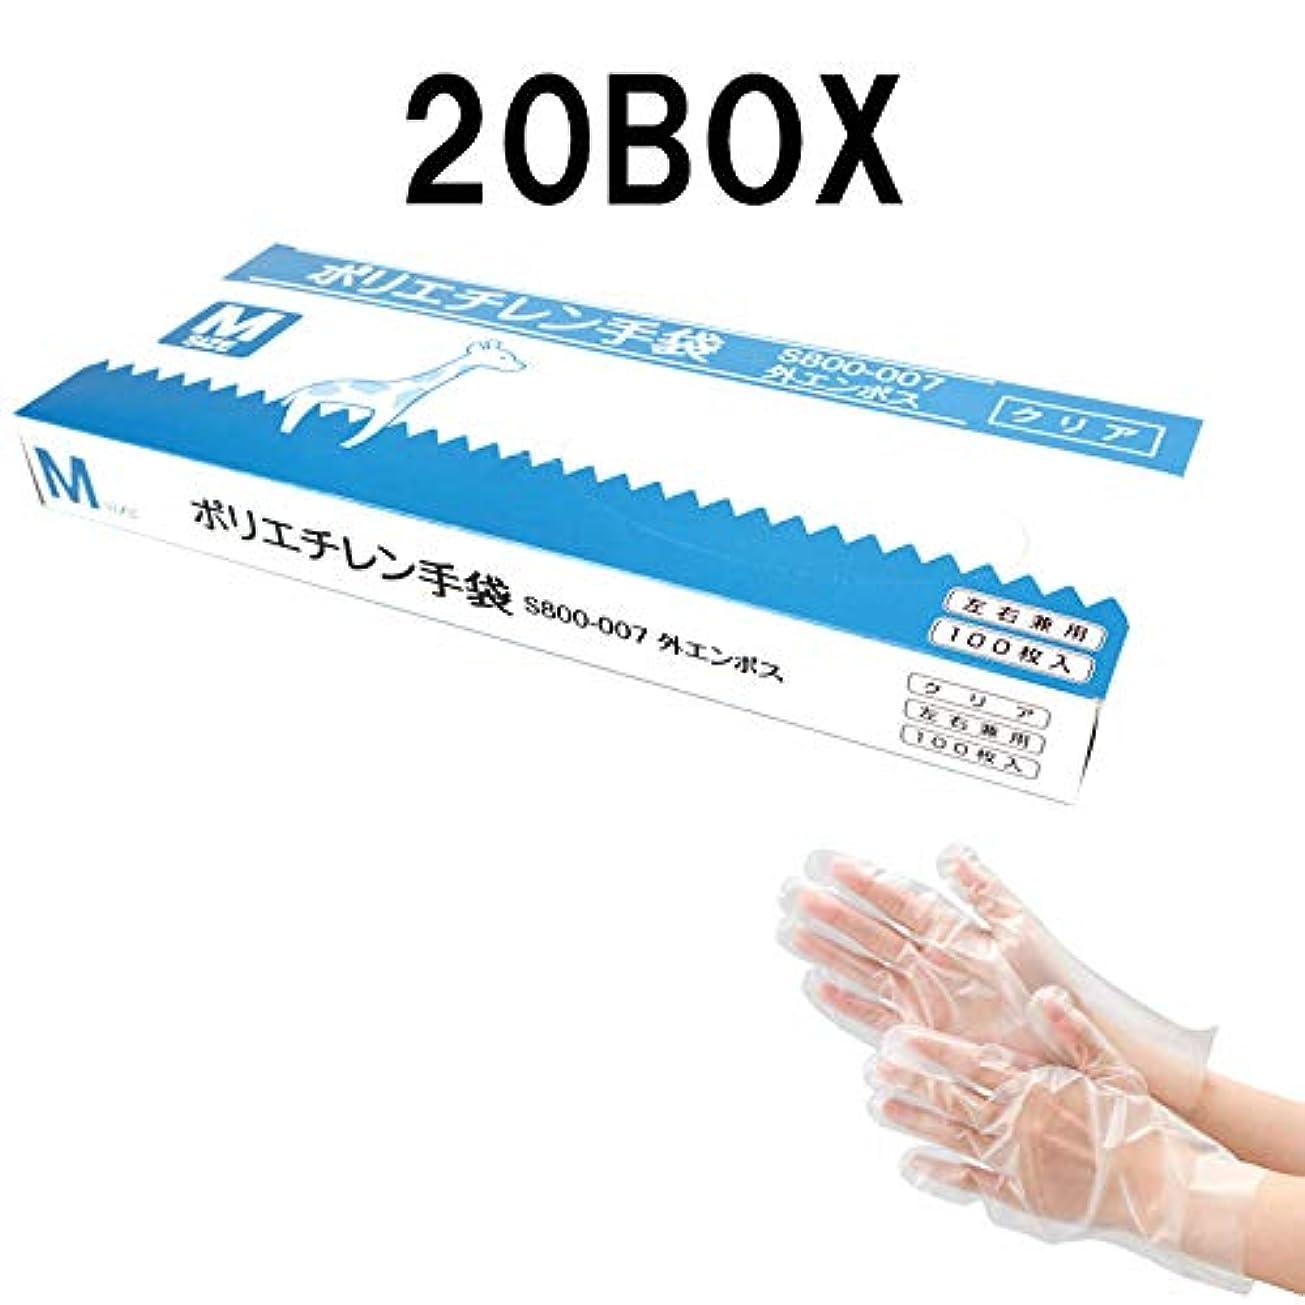 一口陰謀意図する(2000枚) 使い捨て ポリエチレン手袋 Mサイズ 100枚入り×20BOX クリア色 左右兼用 外エンボス 食品衛生法適合品